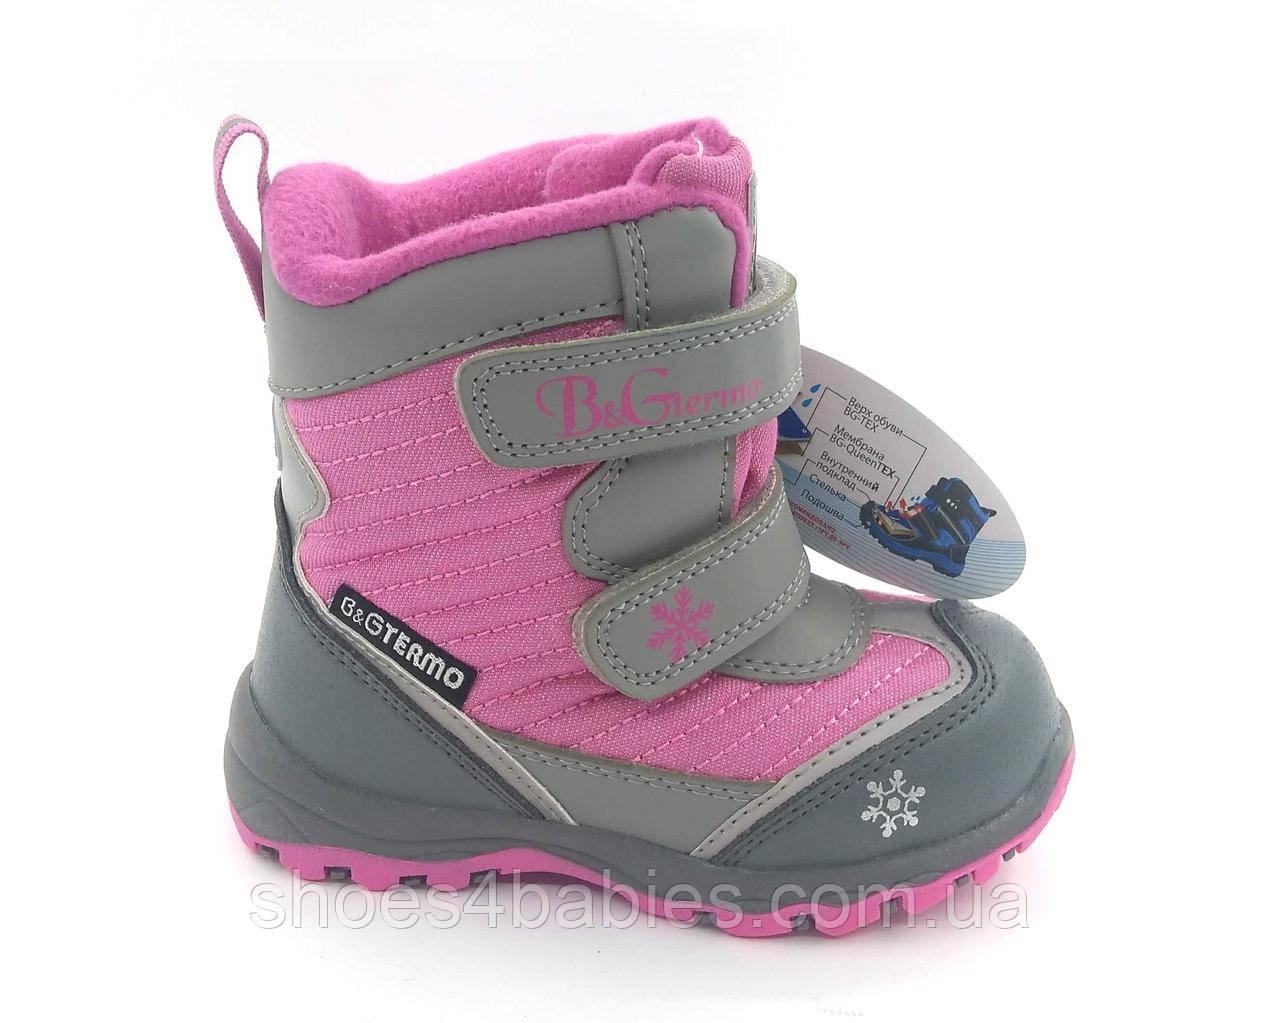 a0a31445f Детские термо ботинки зимние B&G termo (Би Джи) р. 23-27 модель 197 ...